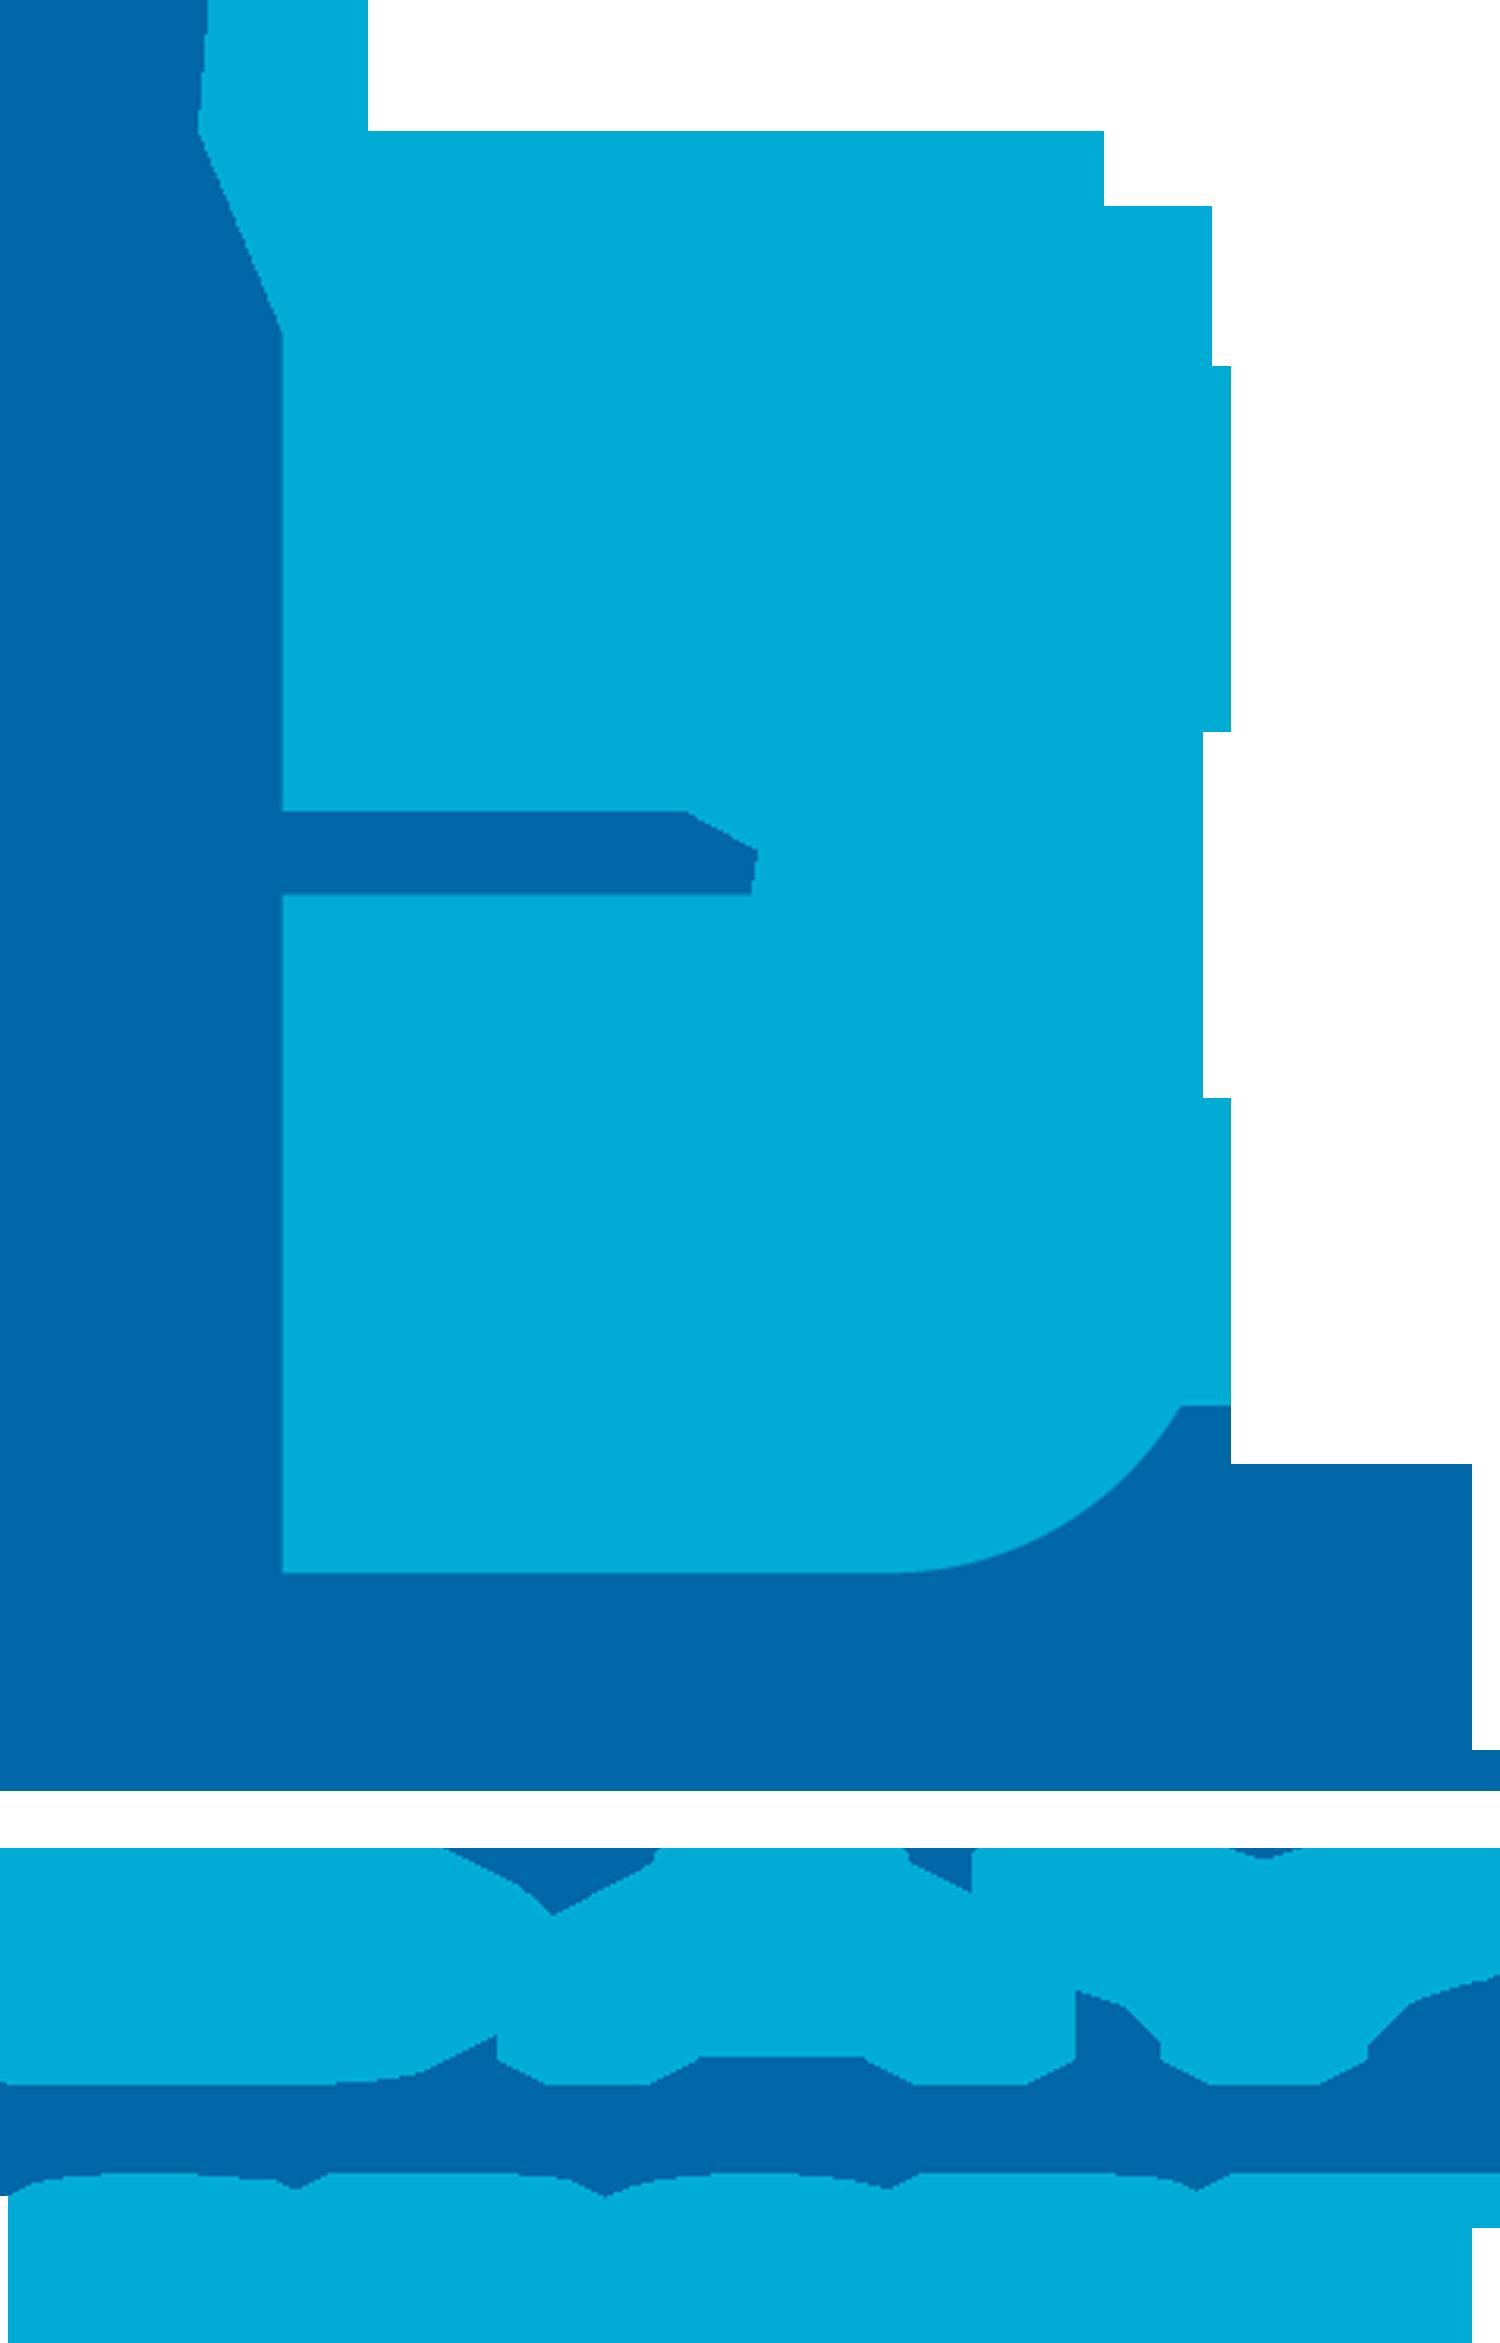 Bay-Sport-Logo_PMS-301_312-4x6.png